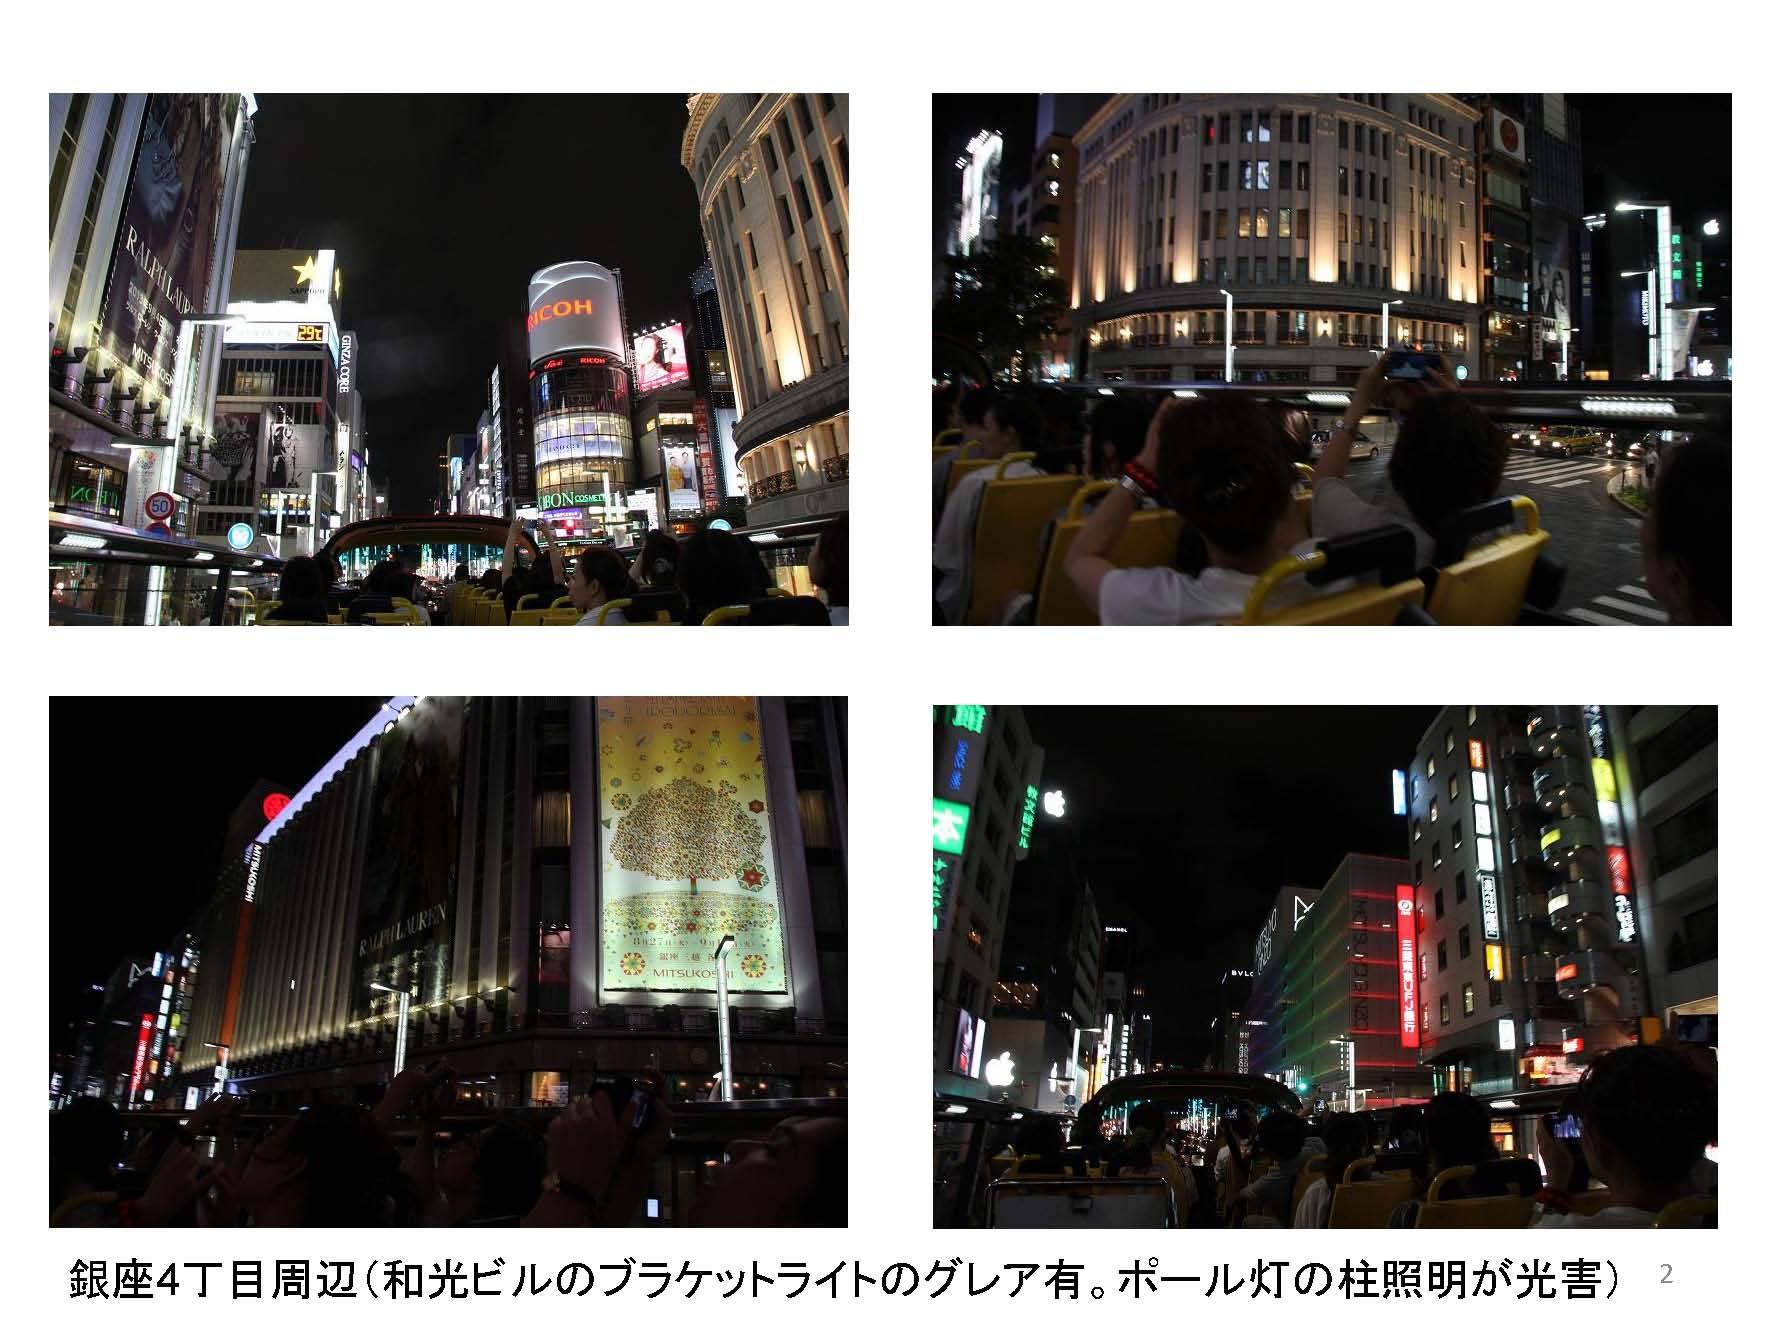 第47回街歩き写真(スカイハ゛ス)_20130904開催 (1)_ページ_2